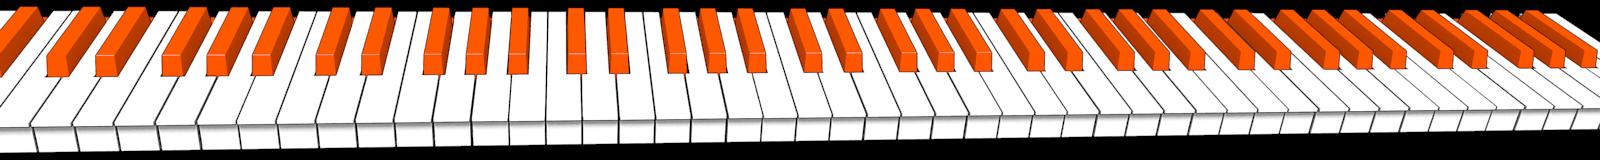 Музыканту в помощь